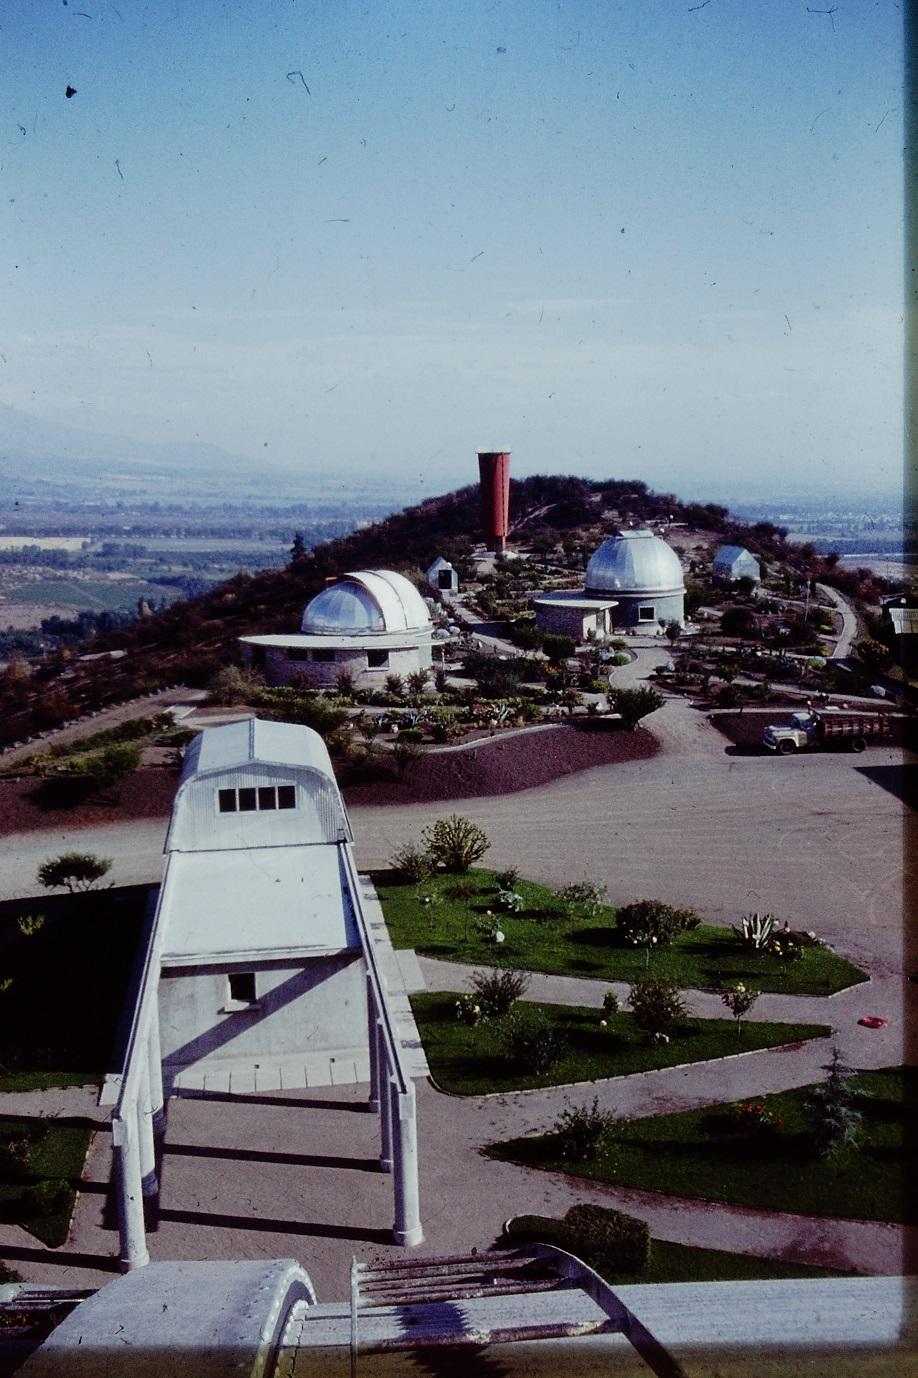 Enterreno - Fotos históricas de chile - fotos antiguas de Chile - Observatorio Cerro Calán en los 60s